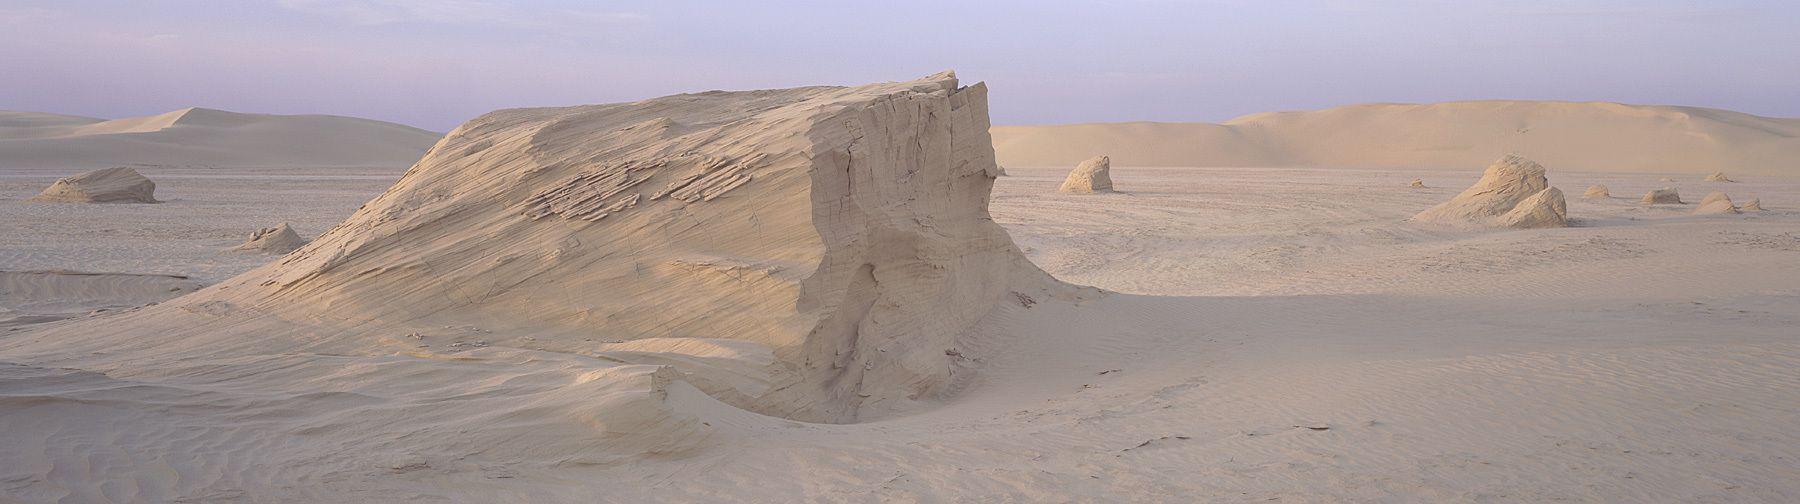 Tunisian Dune